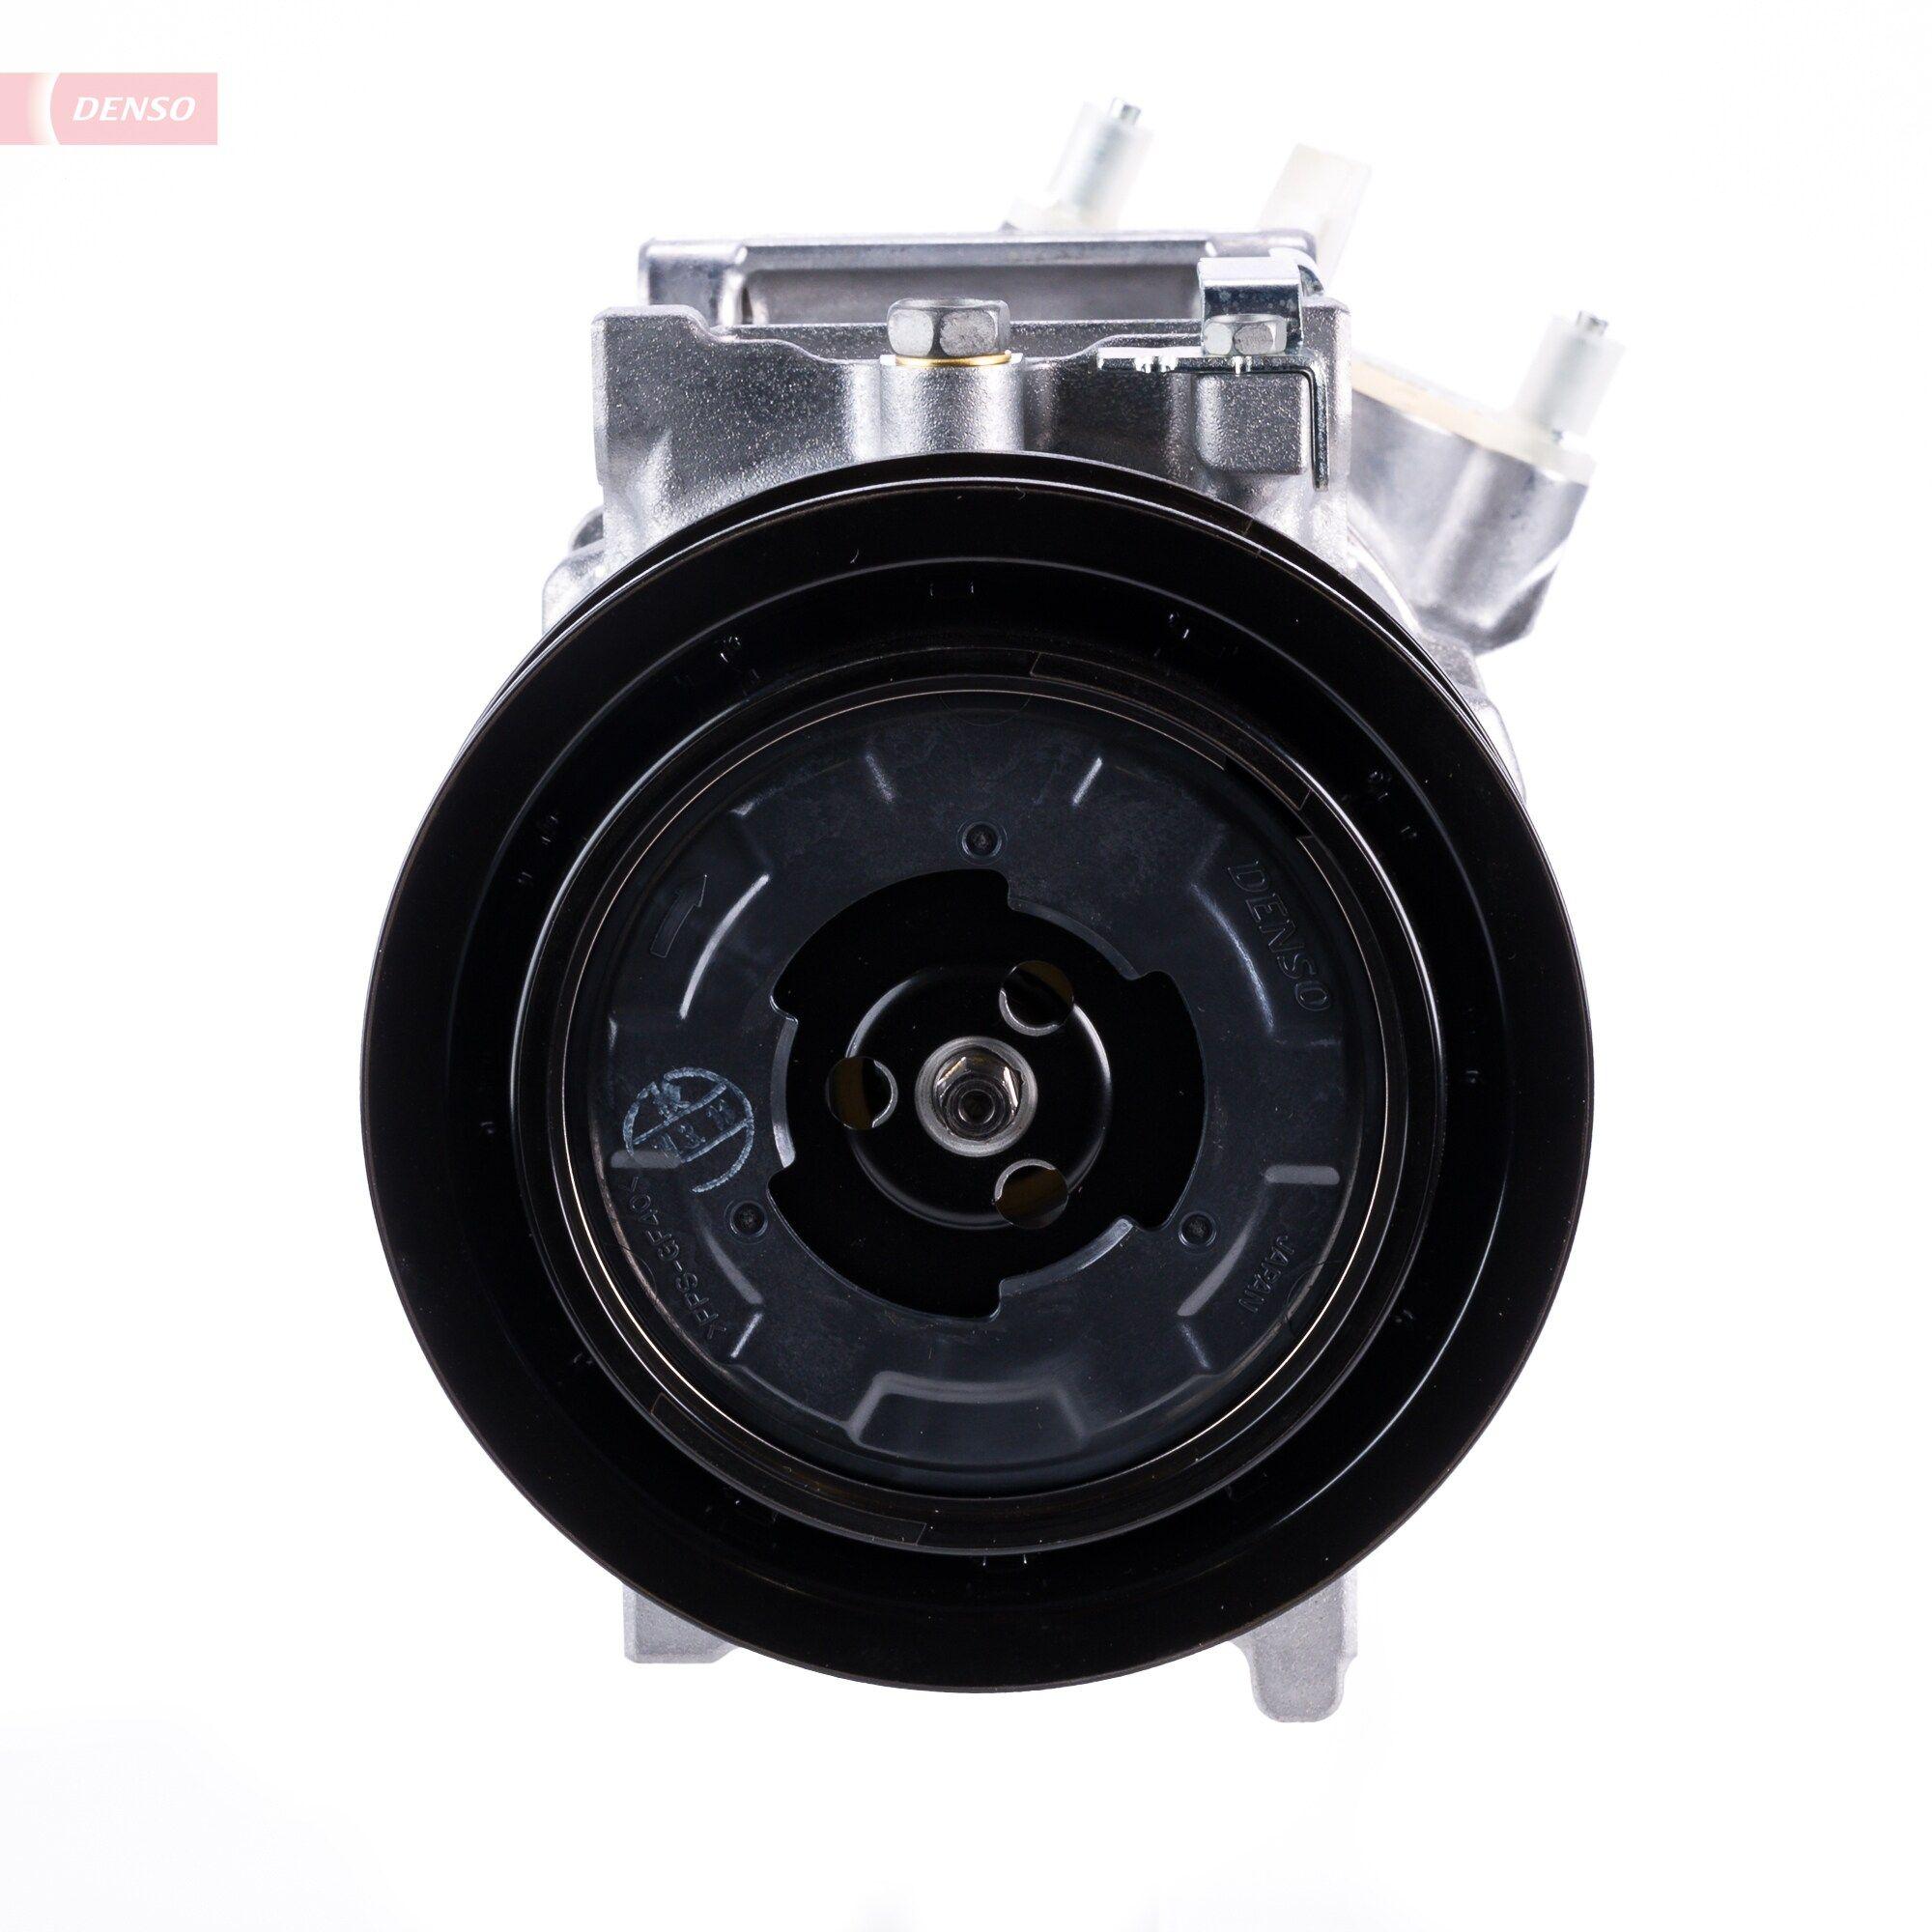 DCP17010 Kompressor, Klimaanlage DENSO DCP17010 - Große Auswahl - stark reduziert